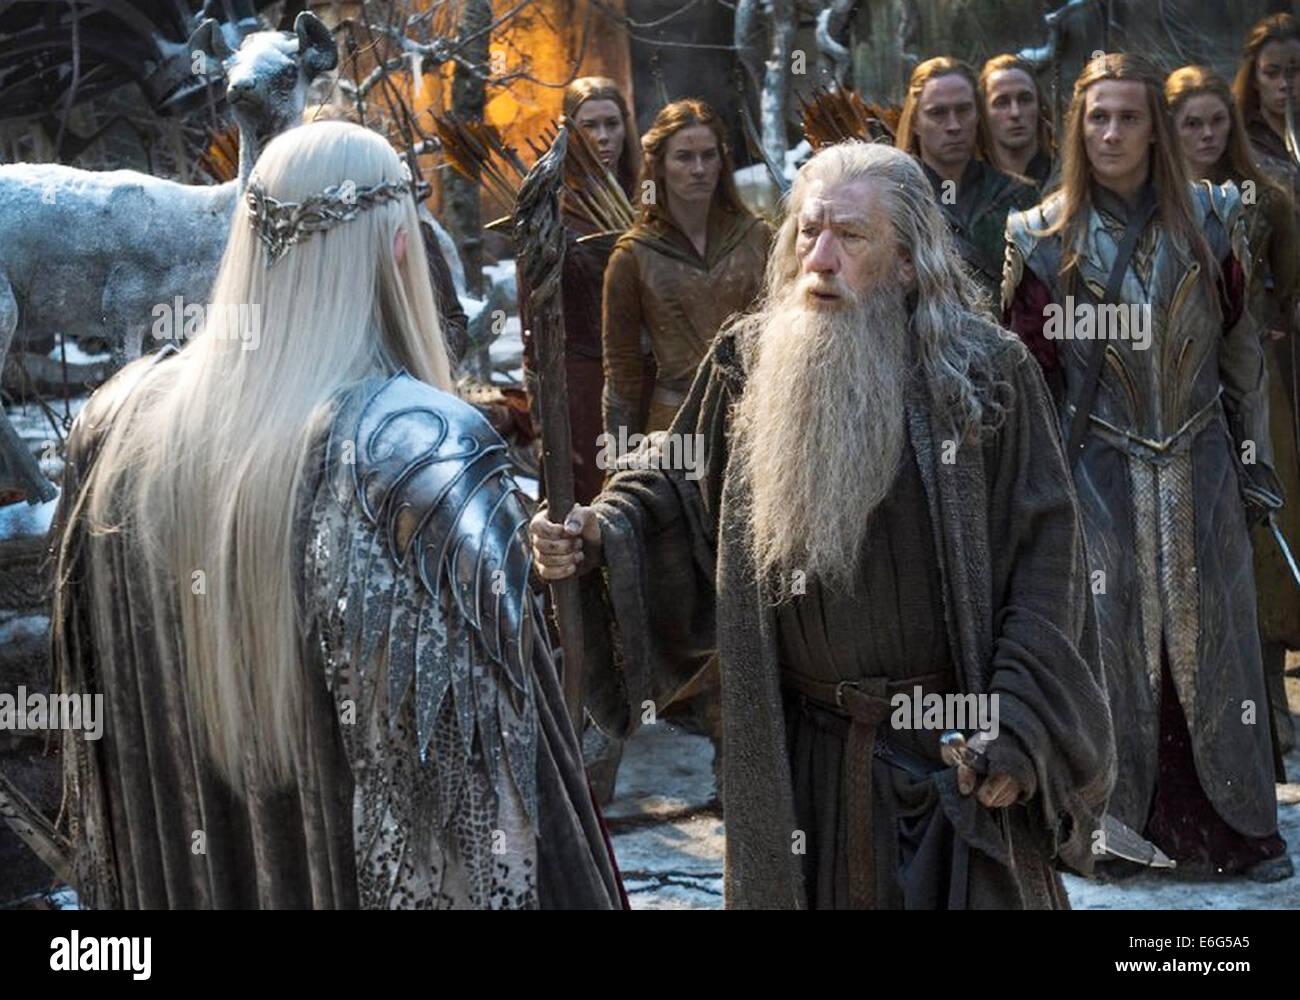 THE HOBBIT: THE BATTLE OF THE FIVE ARMIES 2014 Warner Bros fiim with Ian McKellen - Stock Image